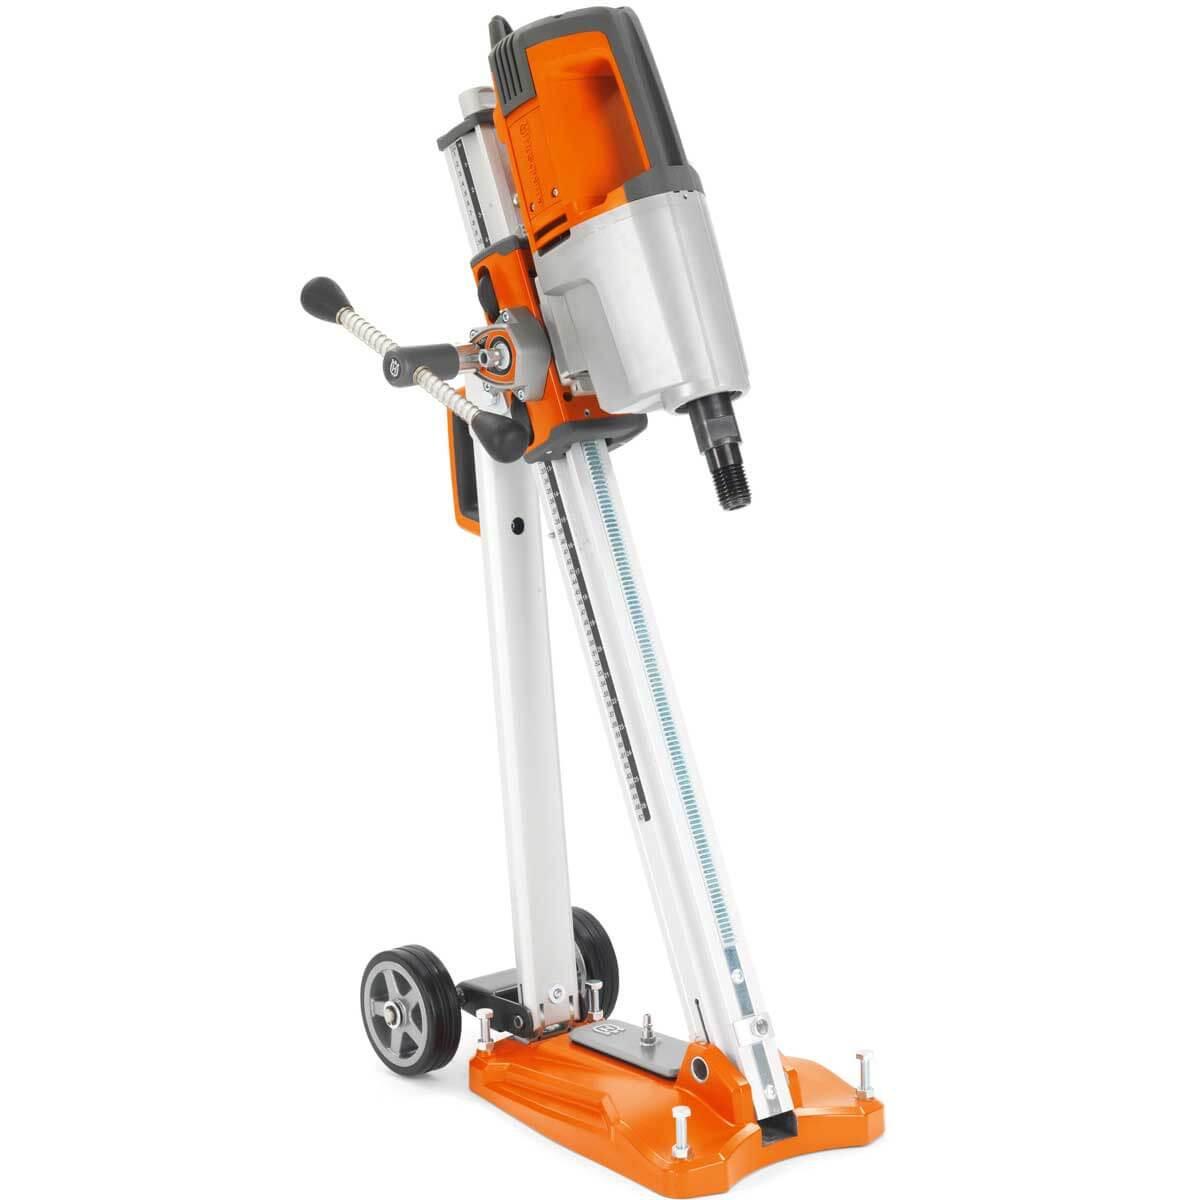 Husqvarna DM280 angled stand mount